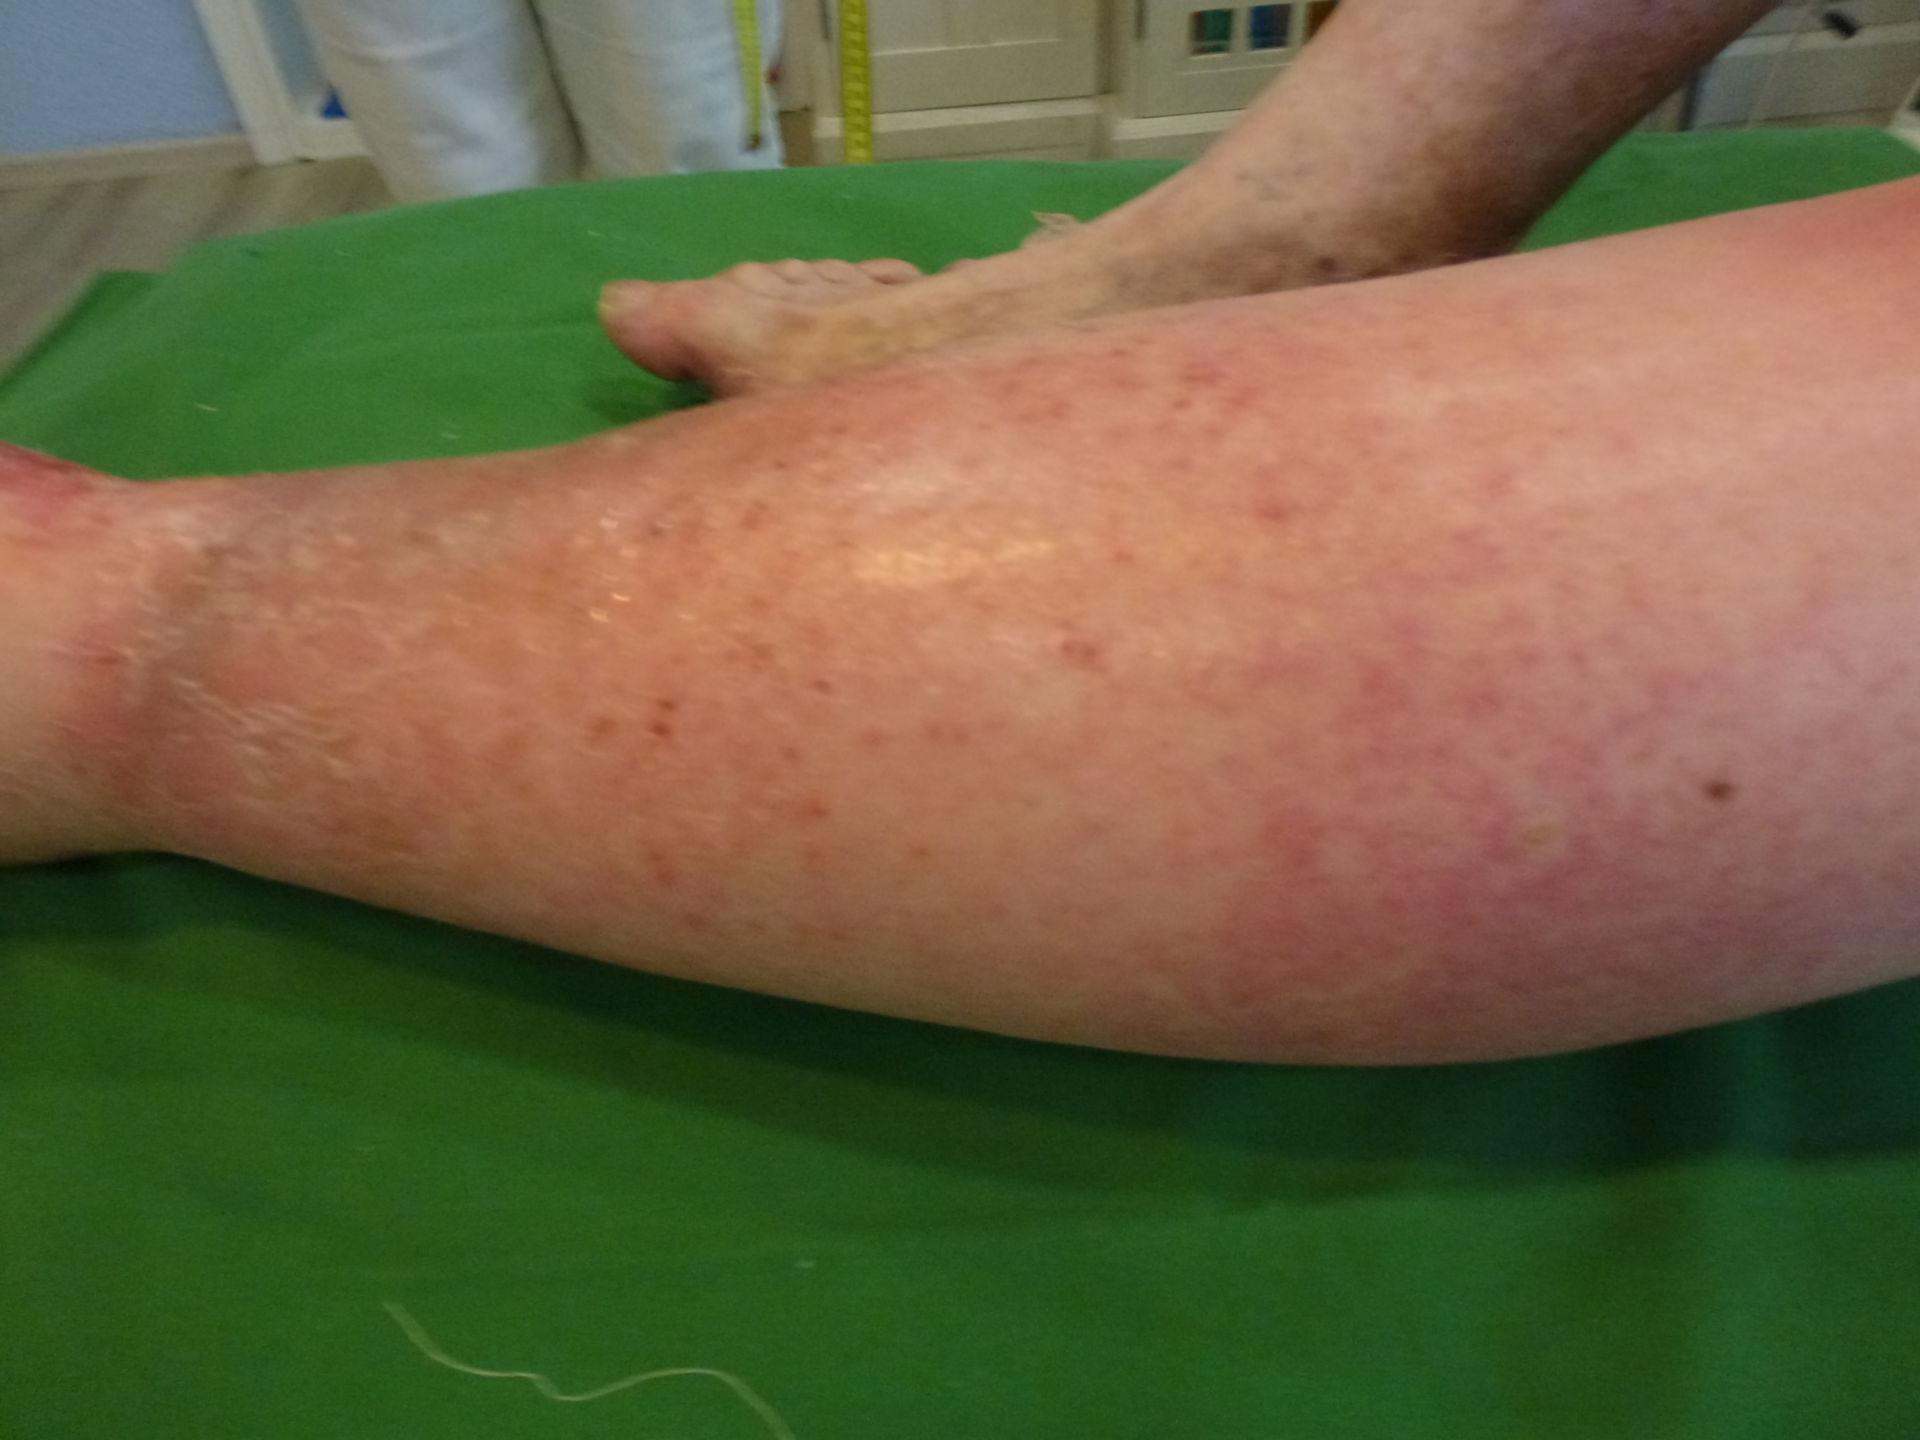 Úlcera de la pierna - Cerrada dentro de 72 horas (7)